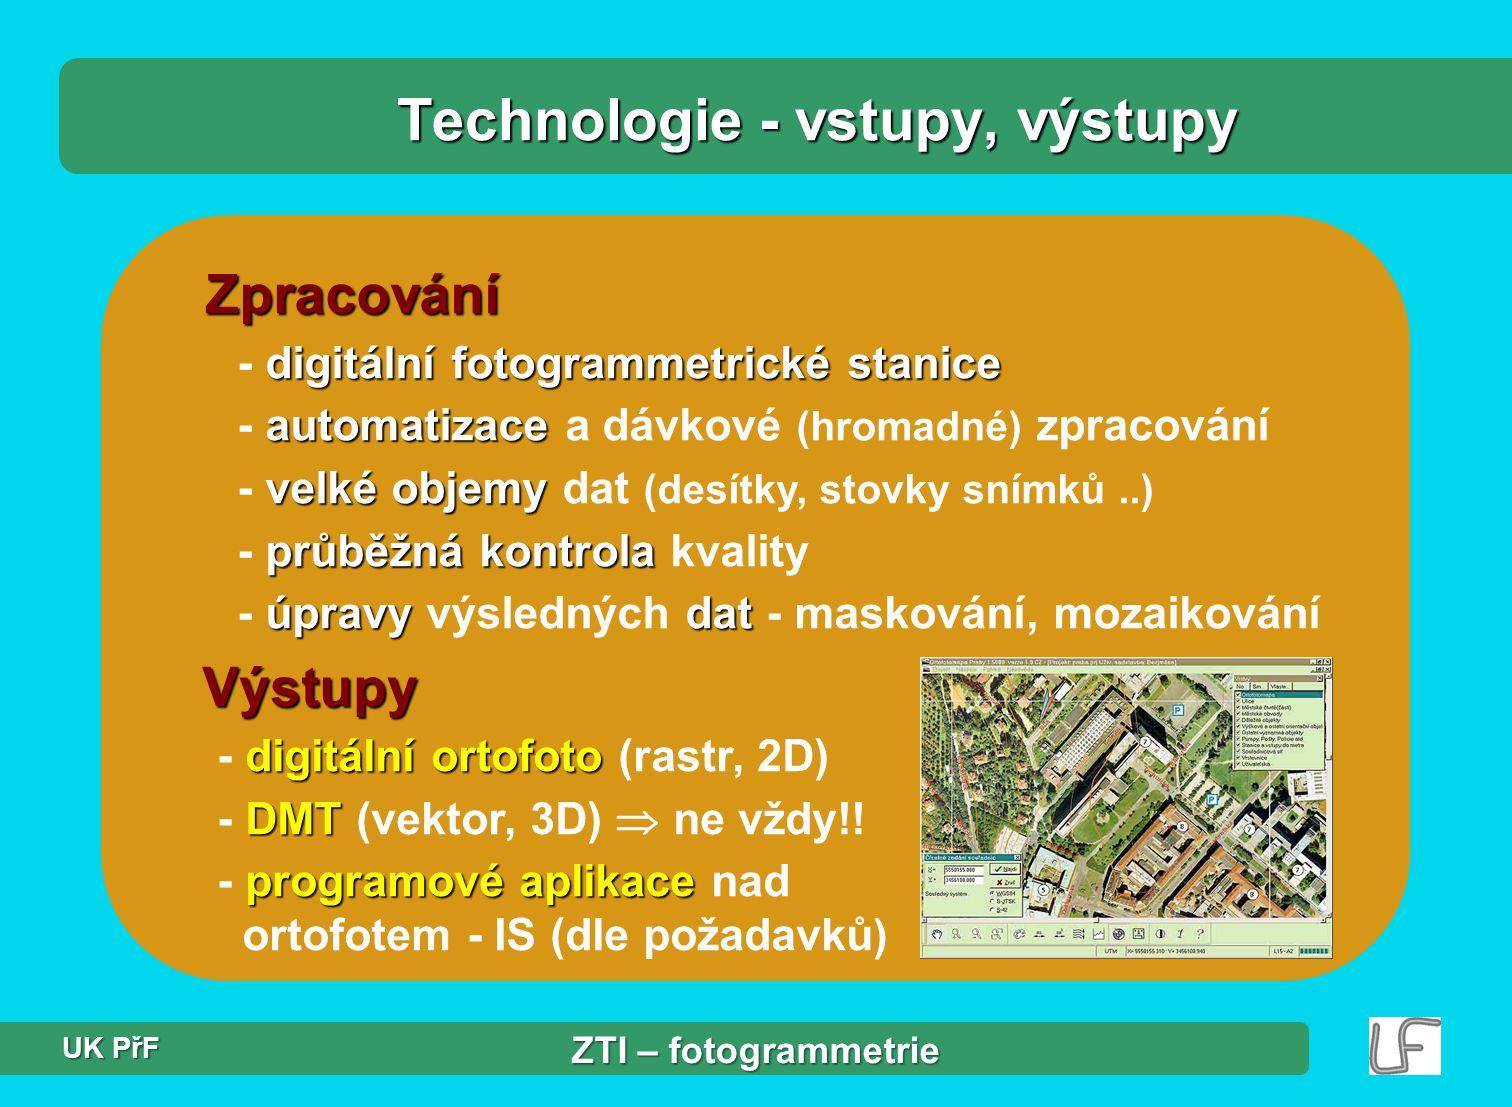 Zpracování digitální fotogrammetrické stanice - digitální fotogrammetrické stanice automatizace - automatizace a dávkové (hromadné) zpracování velké objemy - velké objemy dat (desítky, stovky snímků..) průběžná kontrola - průběžná kontrola kvality úpravydat - úpravy výsledných dat - maskování, mozaikování Technologie - vstupy, výstupy Výstupy digitální ortofoto - digitální ortofoto (rastr, 2D) DMT - DMT (vektor, 3D)  ne vždy!.